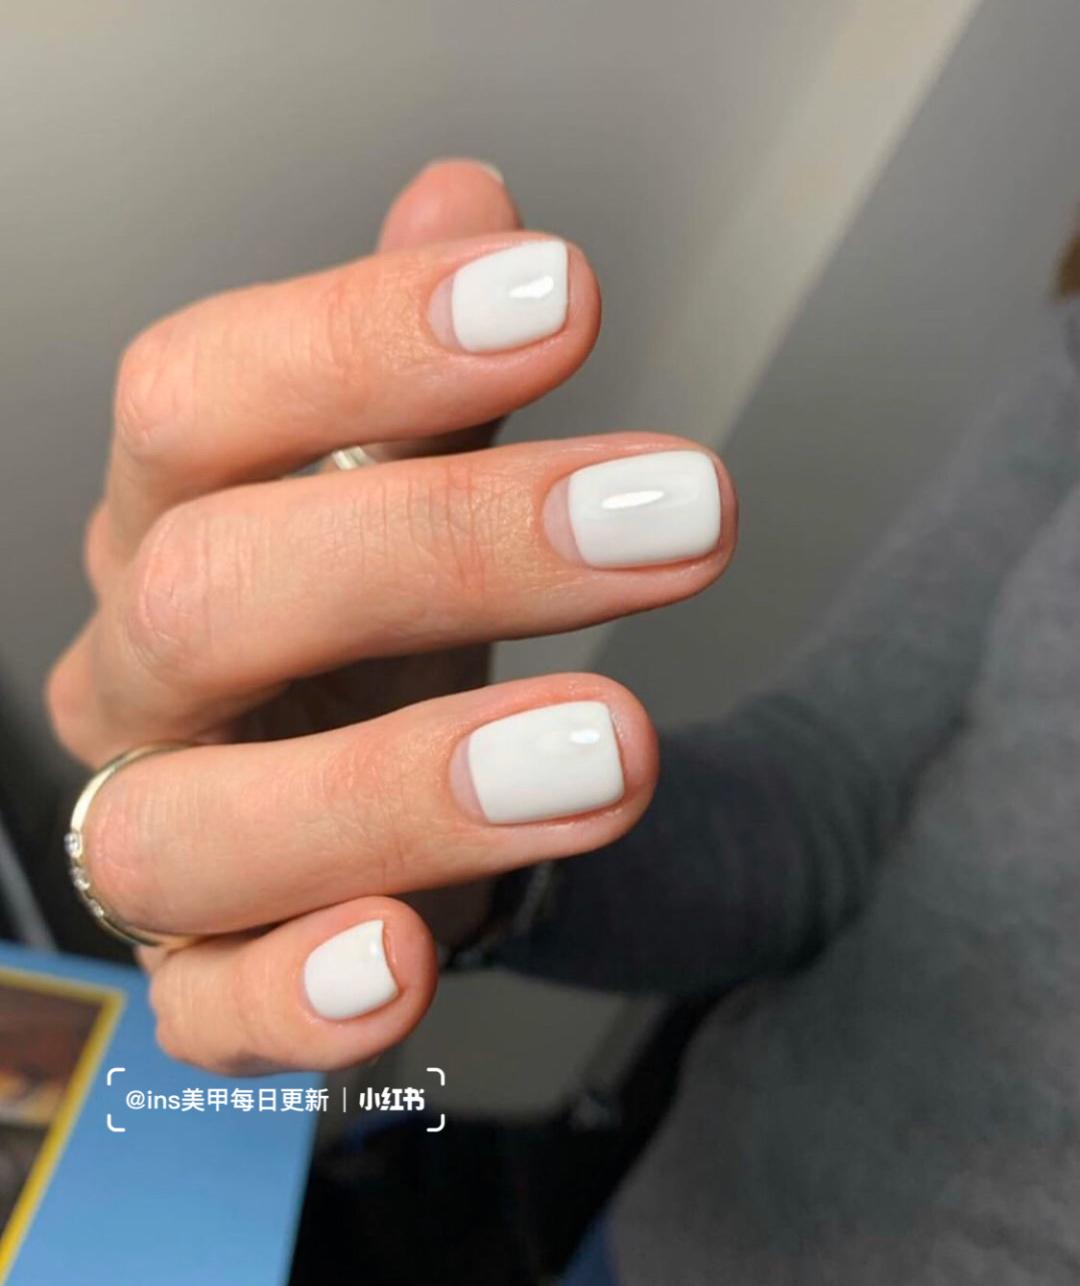 Gợi ý loạt mẫu nails vùa xinh lại đơn giản dành cho các cô dâu  - Ảnh 5.